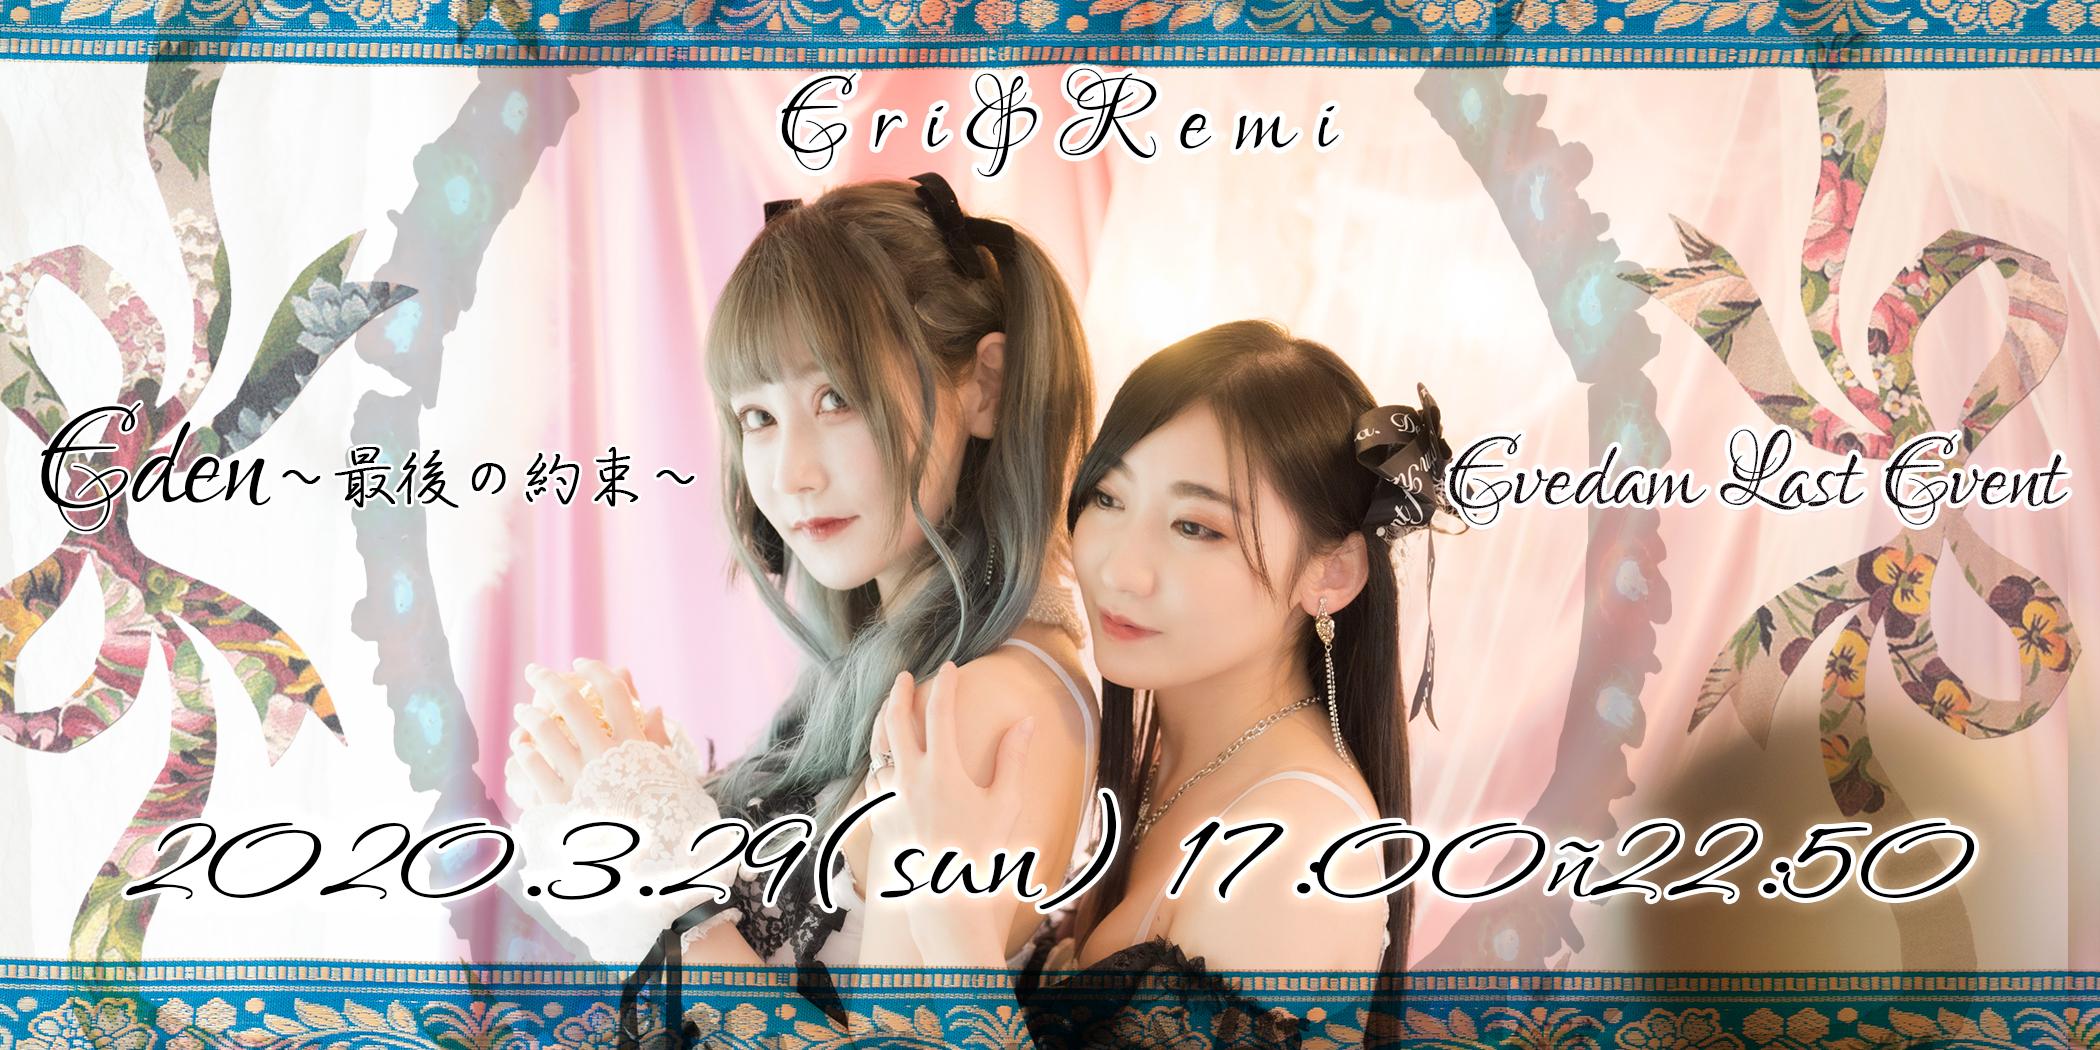 EVEDAM Last Event 『Eden 〜最後の約束〜』